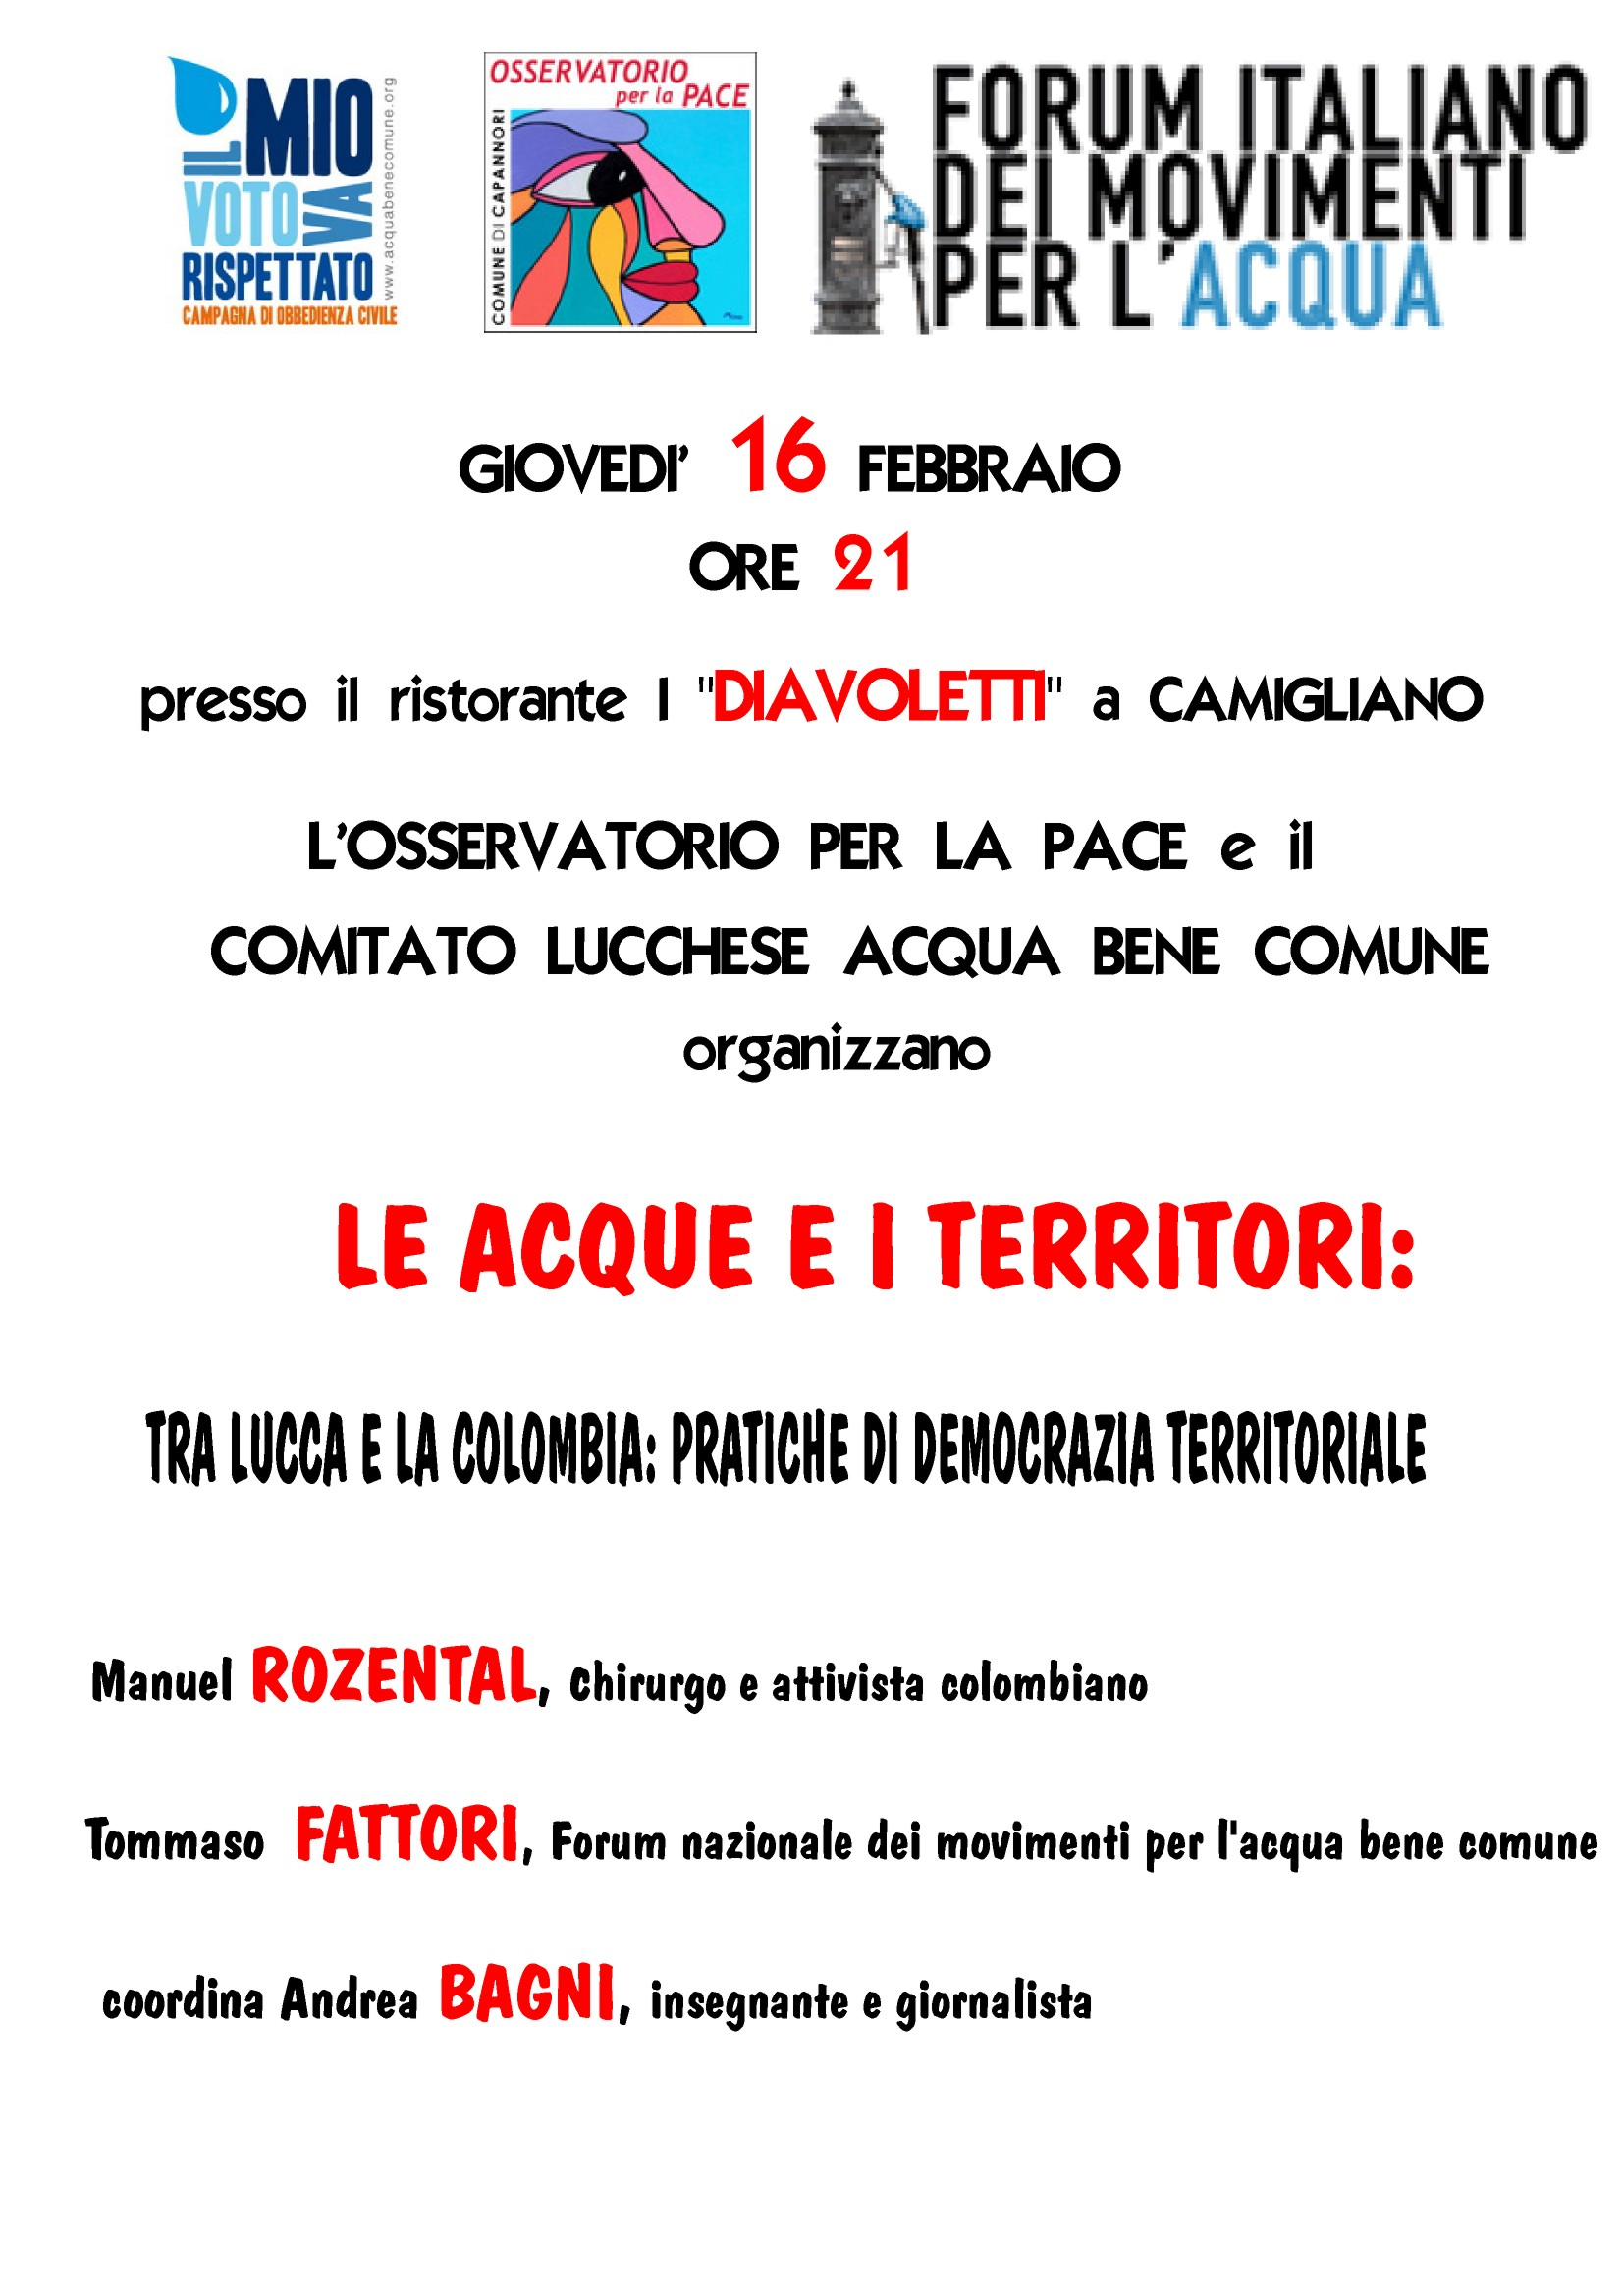 Acque e Territori, pratiche di democrazia territoriale tra Lucca e la Colombia, giovedì sera a Capannori